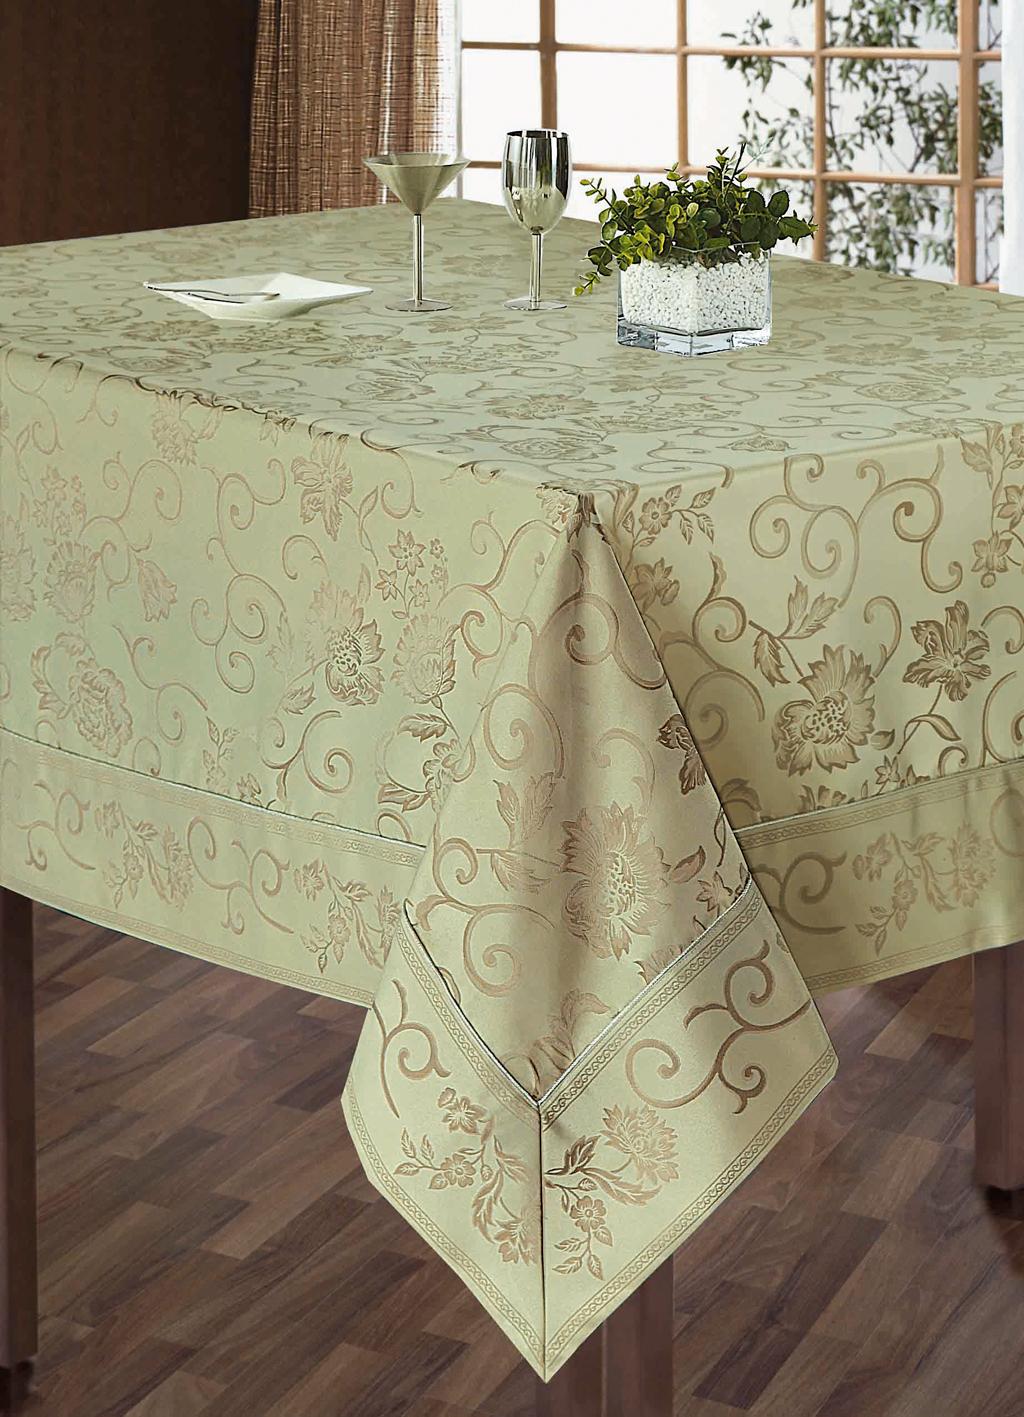 Комплект столового белья SL, цвет: бежевый, 9 предметов. 1011310113Роскошный комплект столового белья SL состоит из скатерти прямоугольной формы и 8 квадратных салфеток. Комплект выполнен из жаккарда с изящным цветочным рисунком. Комплект, несомненно, придаст интерьеру уют и внесет что-то новое. Использование такого комплекта сделает застолье более торжественным, поднимет настроение гостей и приятно удивит их вашим изысканным вкусом. Вы можете использовать этот комплект для повседневной трапезы, превратив каждый прием пищи в волшебный праздник и веселье.Жаккард - это гладкая, безворсовая ткань сложного плетения, в состав которой входят как синтетические, так и органические волокна. У белья из жаккардовой ткани гладкая и приятная на ощупь фактура. Его контурный рисунок, созданный благодаря особому плетению, выглядит дорого и изящно. Здесь воссоединились блеск шелка и уютная мягкость хлопка. Жаккардовые ткани очень прочны и долговечны, очень удобны в эксплуатации. Комплект упакован в красивую подарочную коробку.Soft Line - мягкая эстетика для вас и вашего дома!Основанная в 1997 году, компания Soft Line является путеводителем по мягкому миру текстиля, полному удивительных достопримечательностей!Высочайшее качество тканей в сочетании с эксклюзивным дизайном и изысканными отделками неизменно привлекают как требовательного покупателя, так и взыскательного профессионала! Материал: жаккард (100% полиэстер).В комплект входит: Скатерть - 1 шт. Размер: 180 см х 270 см. Салфетки - 8 шт. Размер: 40 см х 40 см.